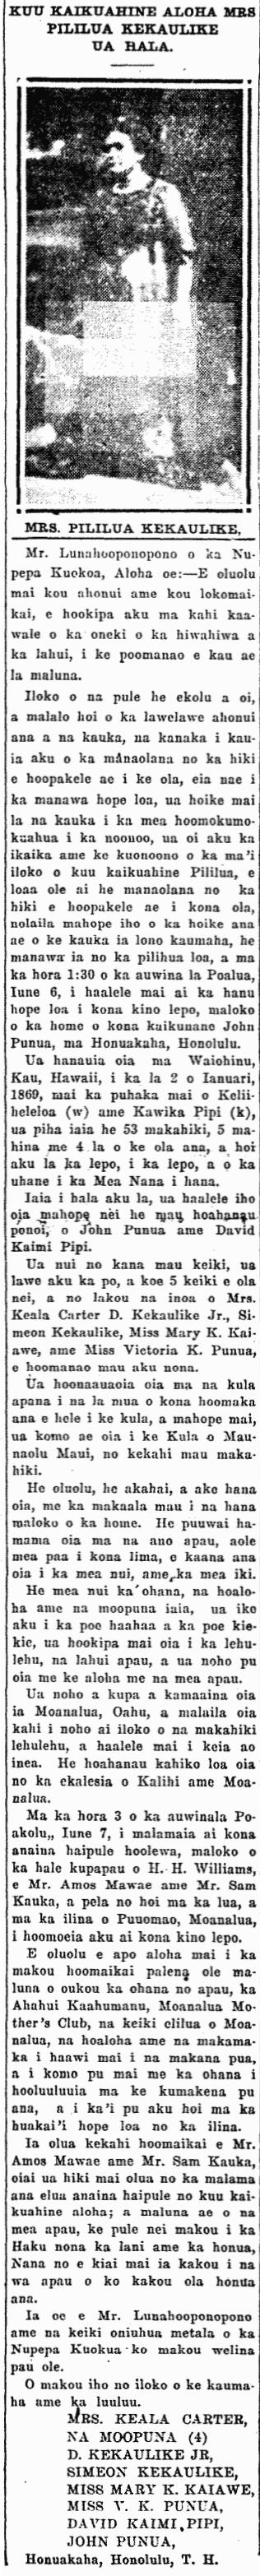 KUU KAIKAMAHINE ALOHA MRS PILILUA KEKAULIKE UA HALA.